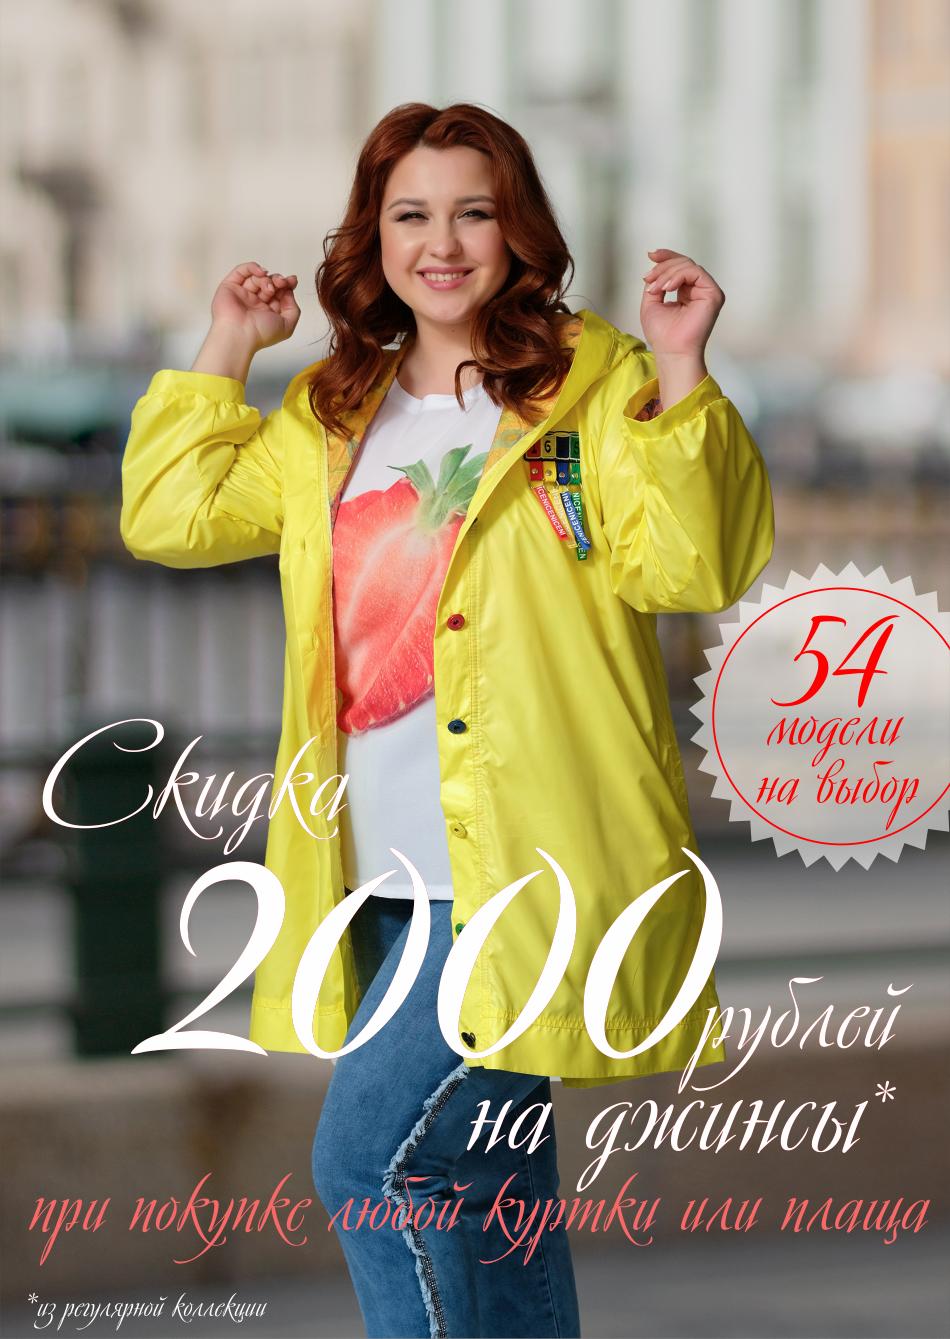 Акция месяца: при покупке любой ветровки или плаща скидка на джинсы 2000 рублей